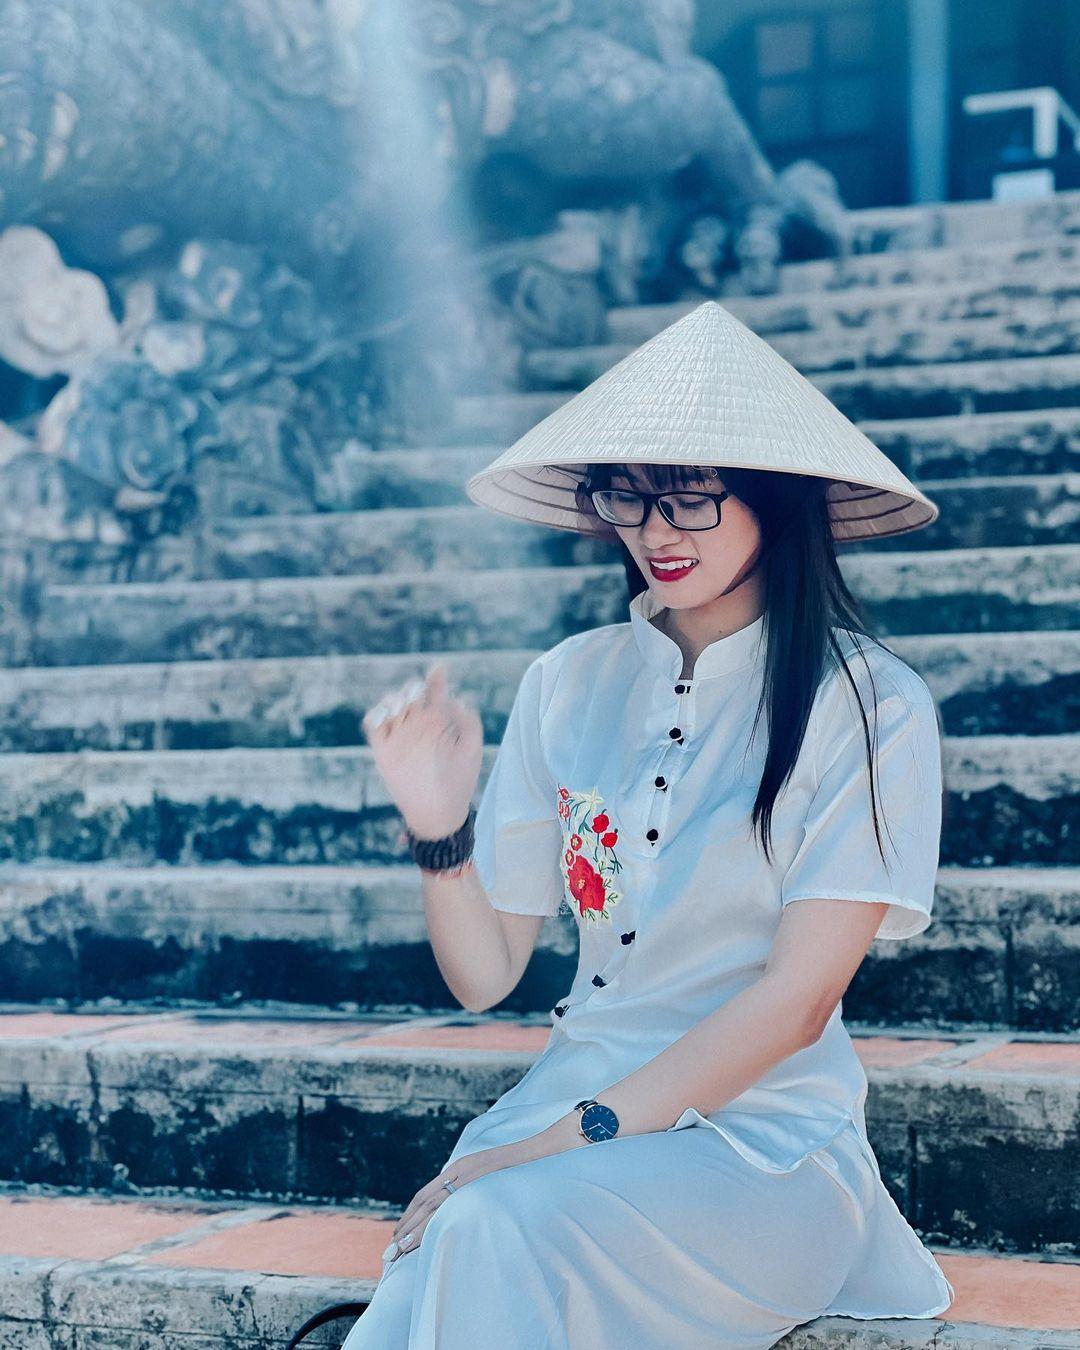 Lối lên ngôi chán điện chùa Linh Ẩn đà lạt